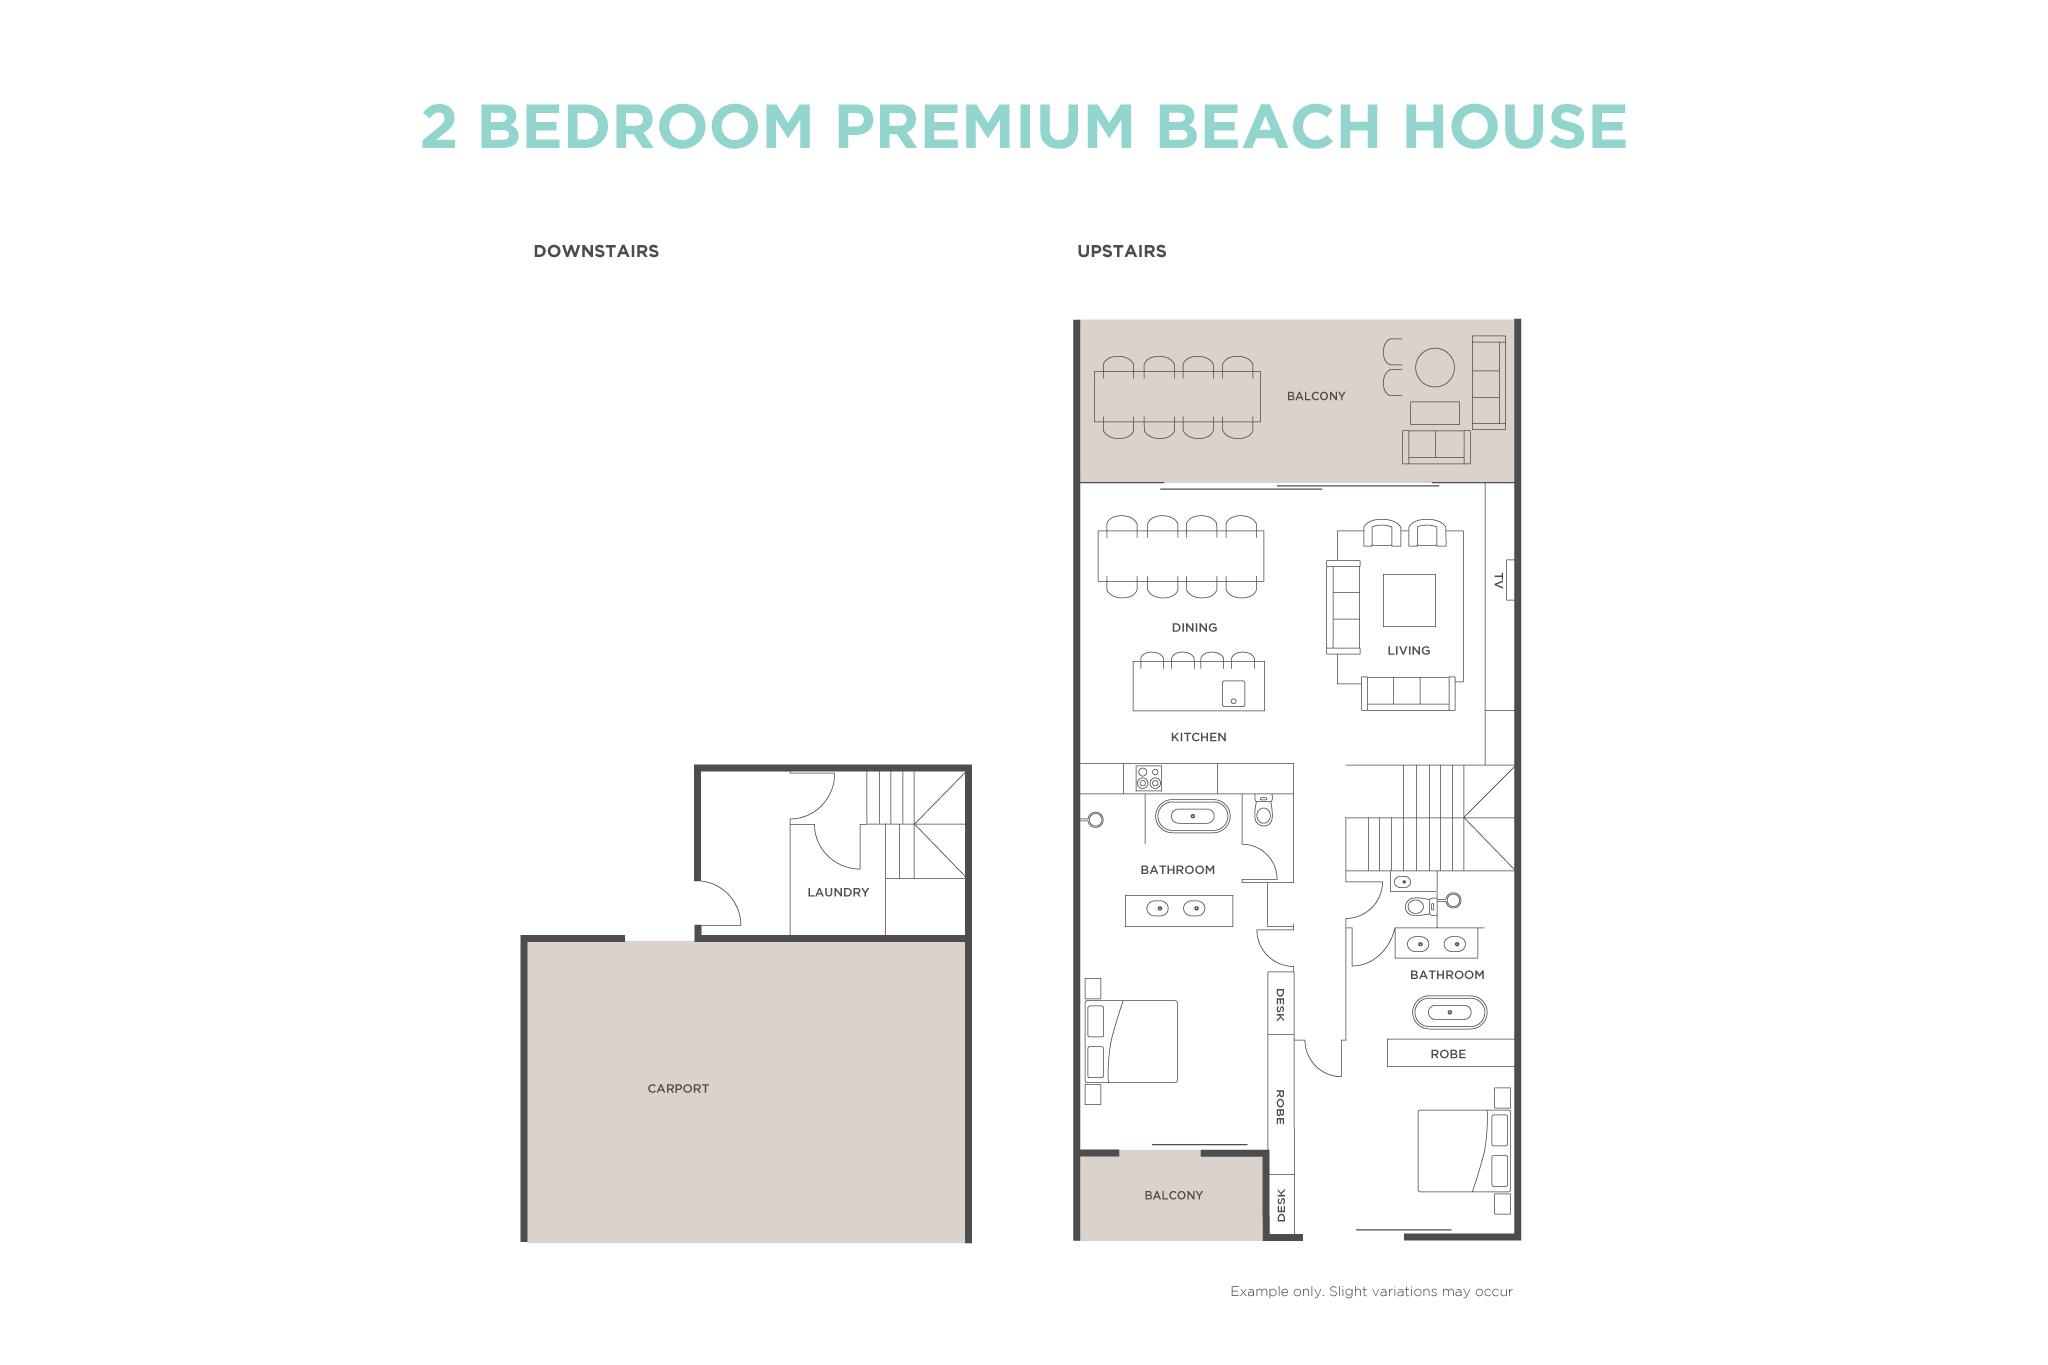 2 Bedroom Premium Beach House floor plan